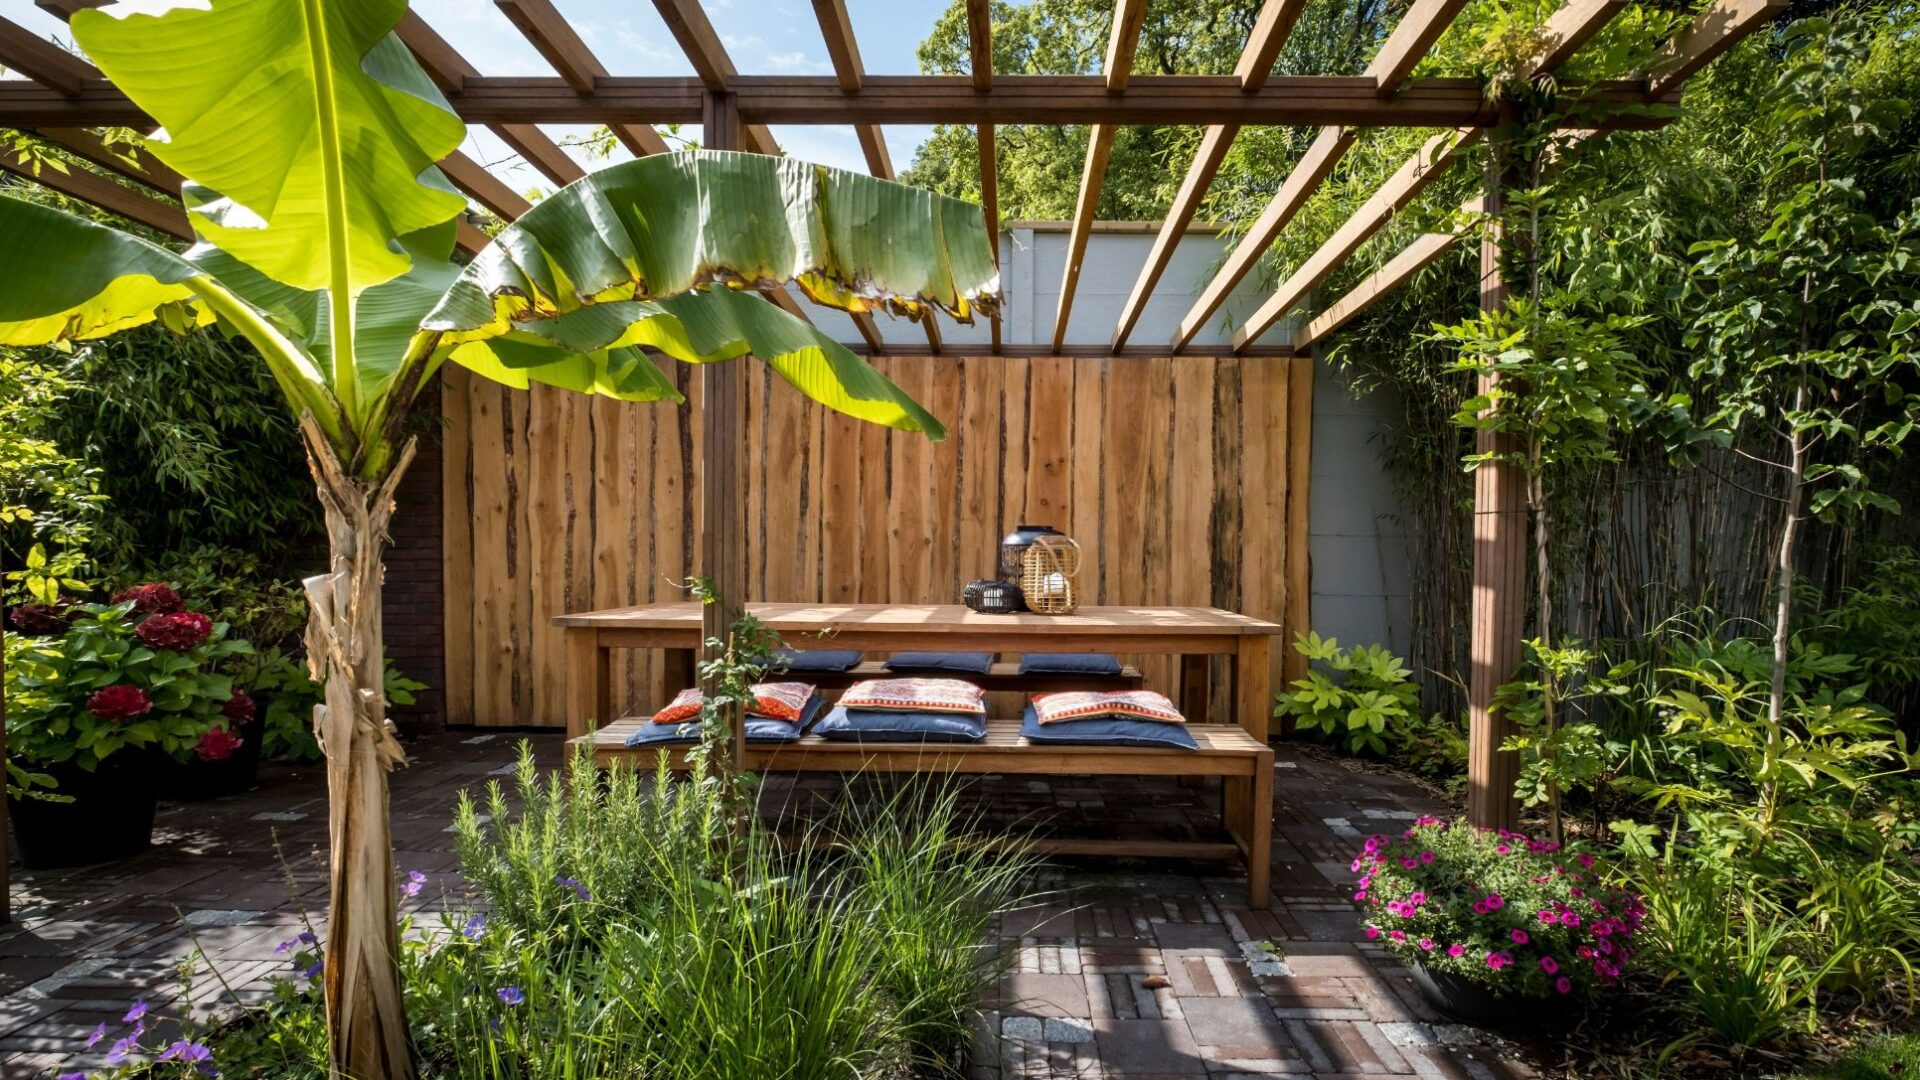 Tuinontwerp en tuinaanleg originele achtertuin met pergola